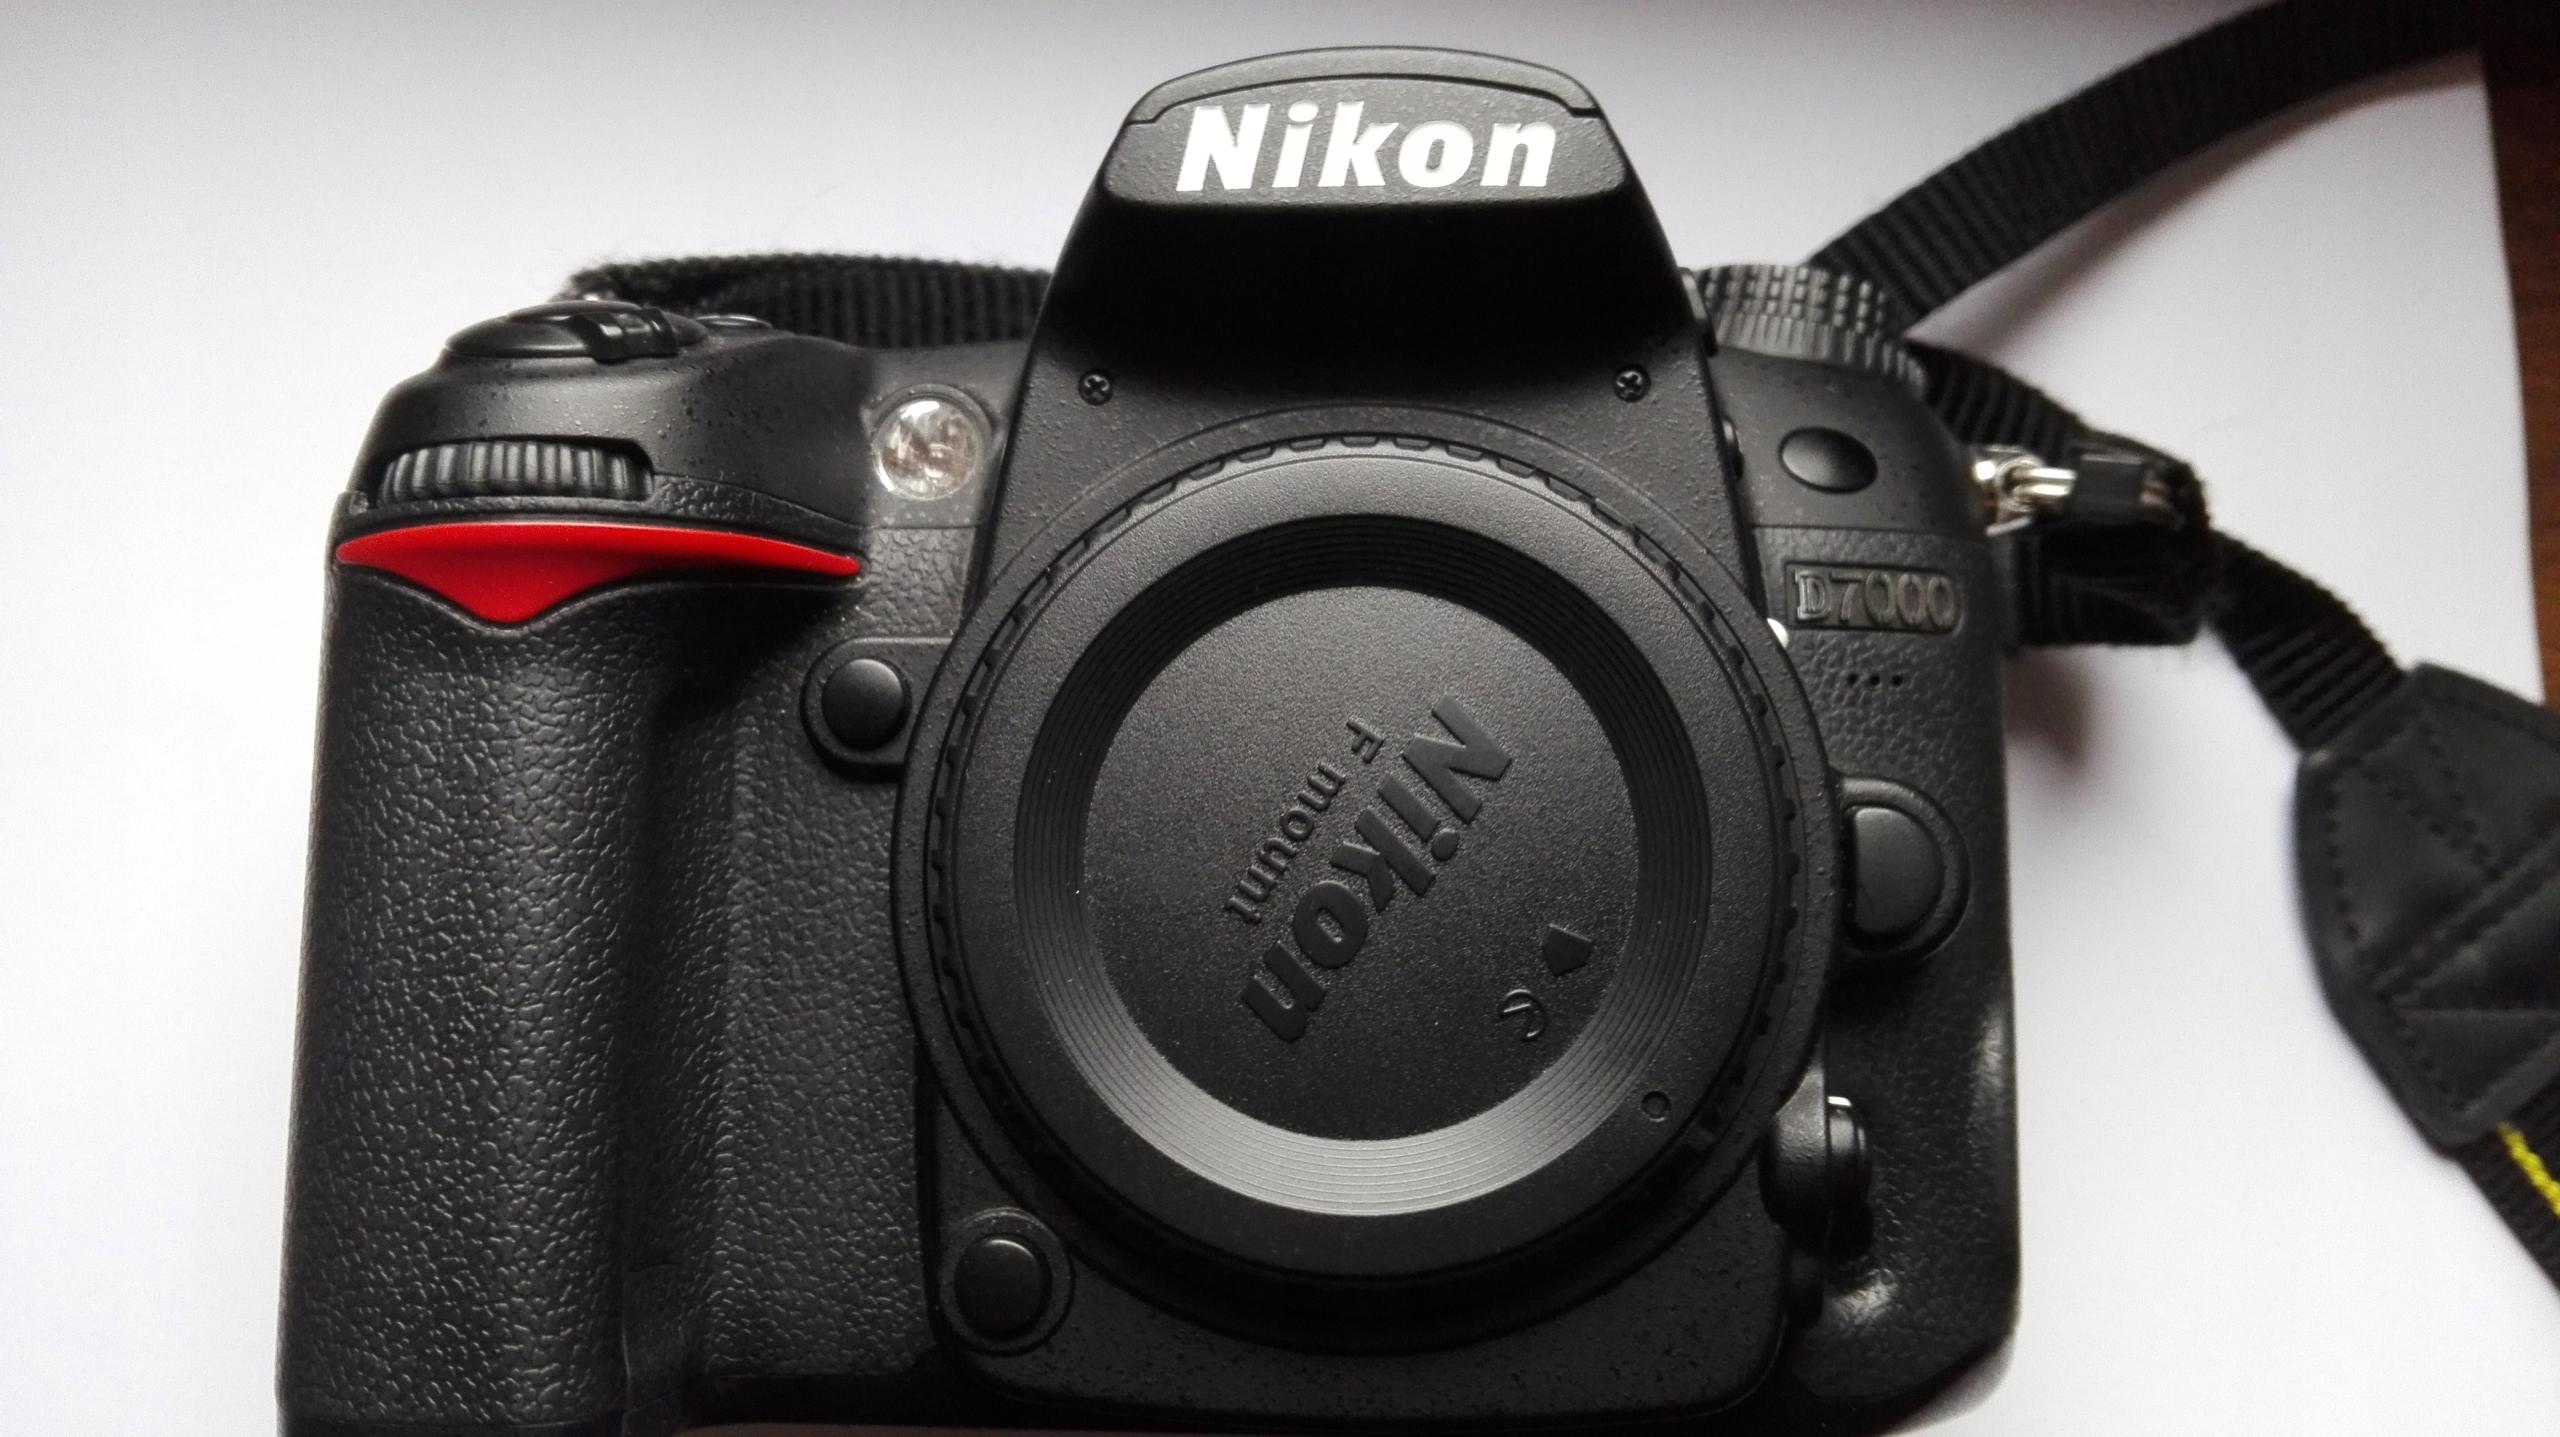 Nikon D7000 + Nikkor 35mm, AF-S, 1.8 DX + dodatki